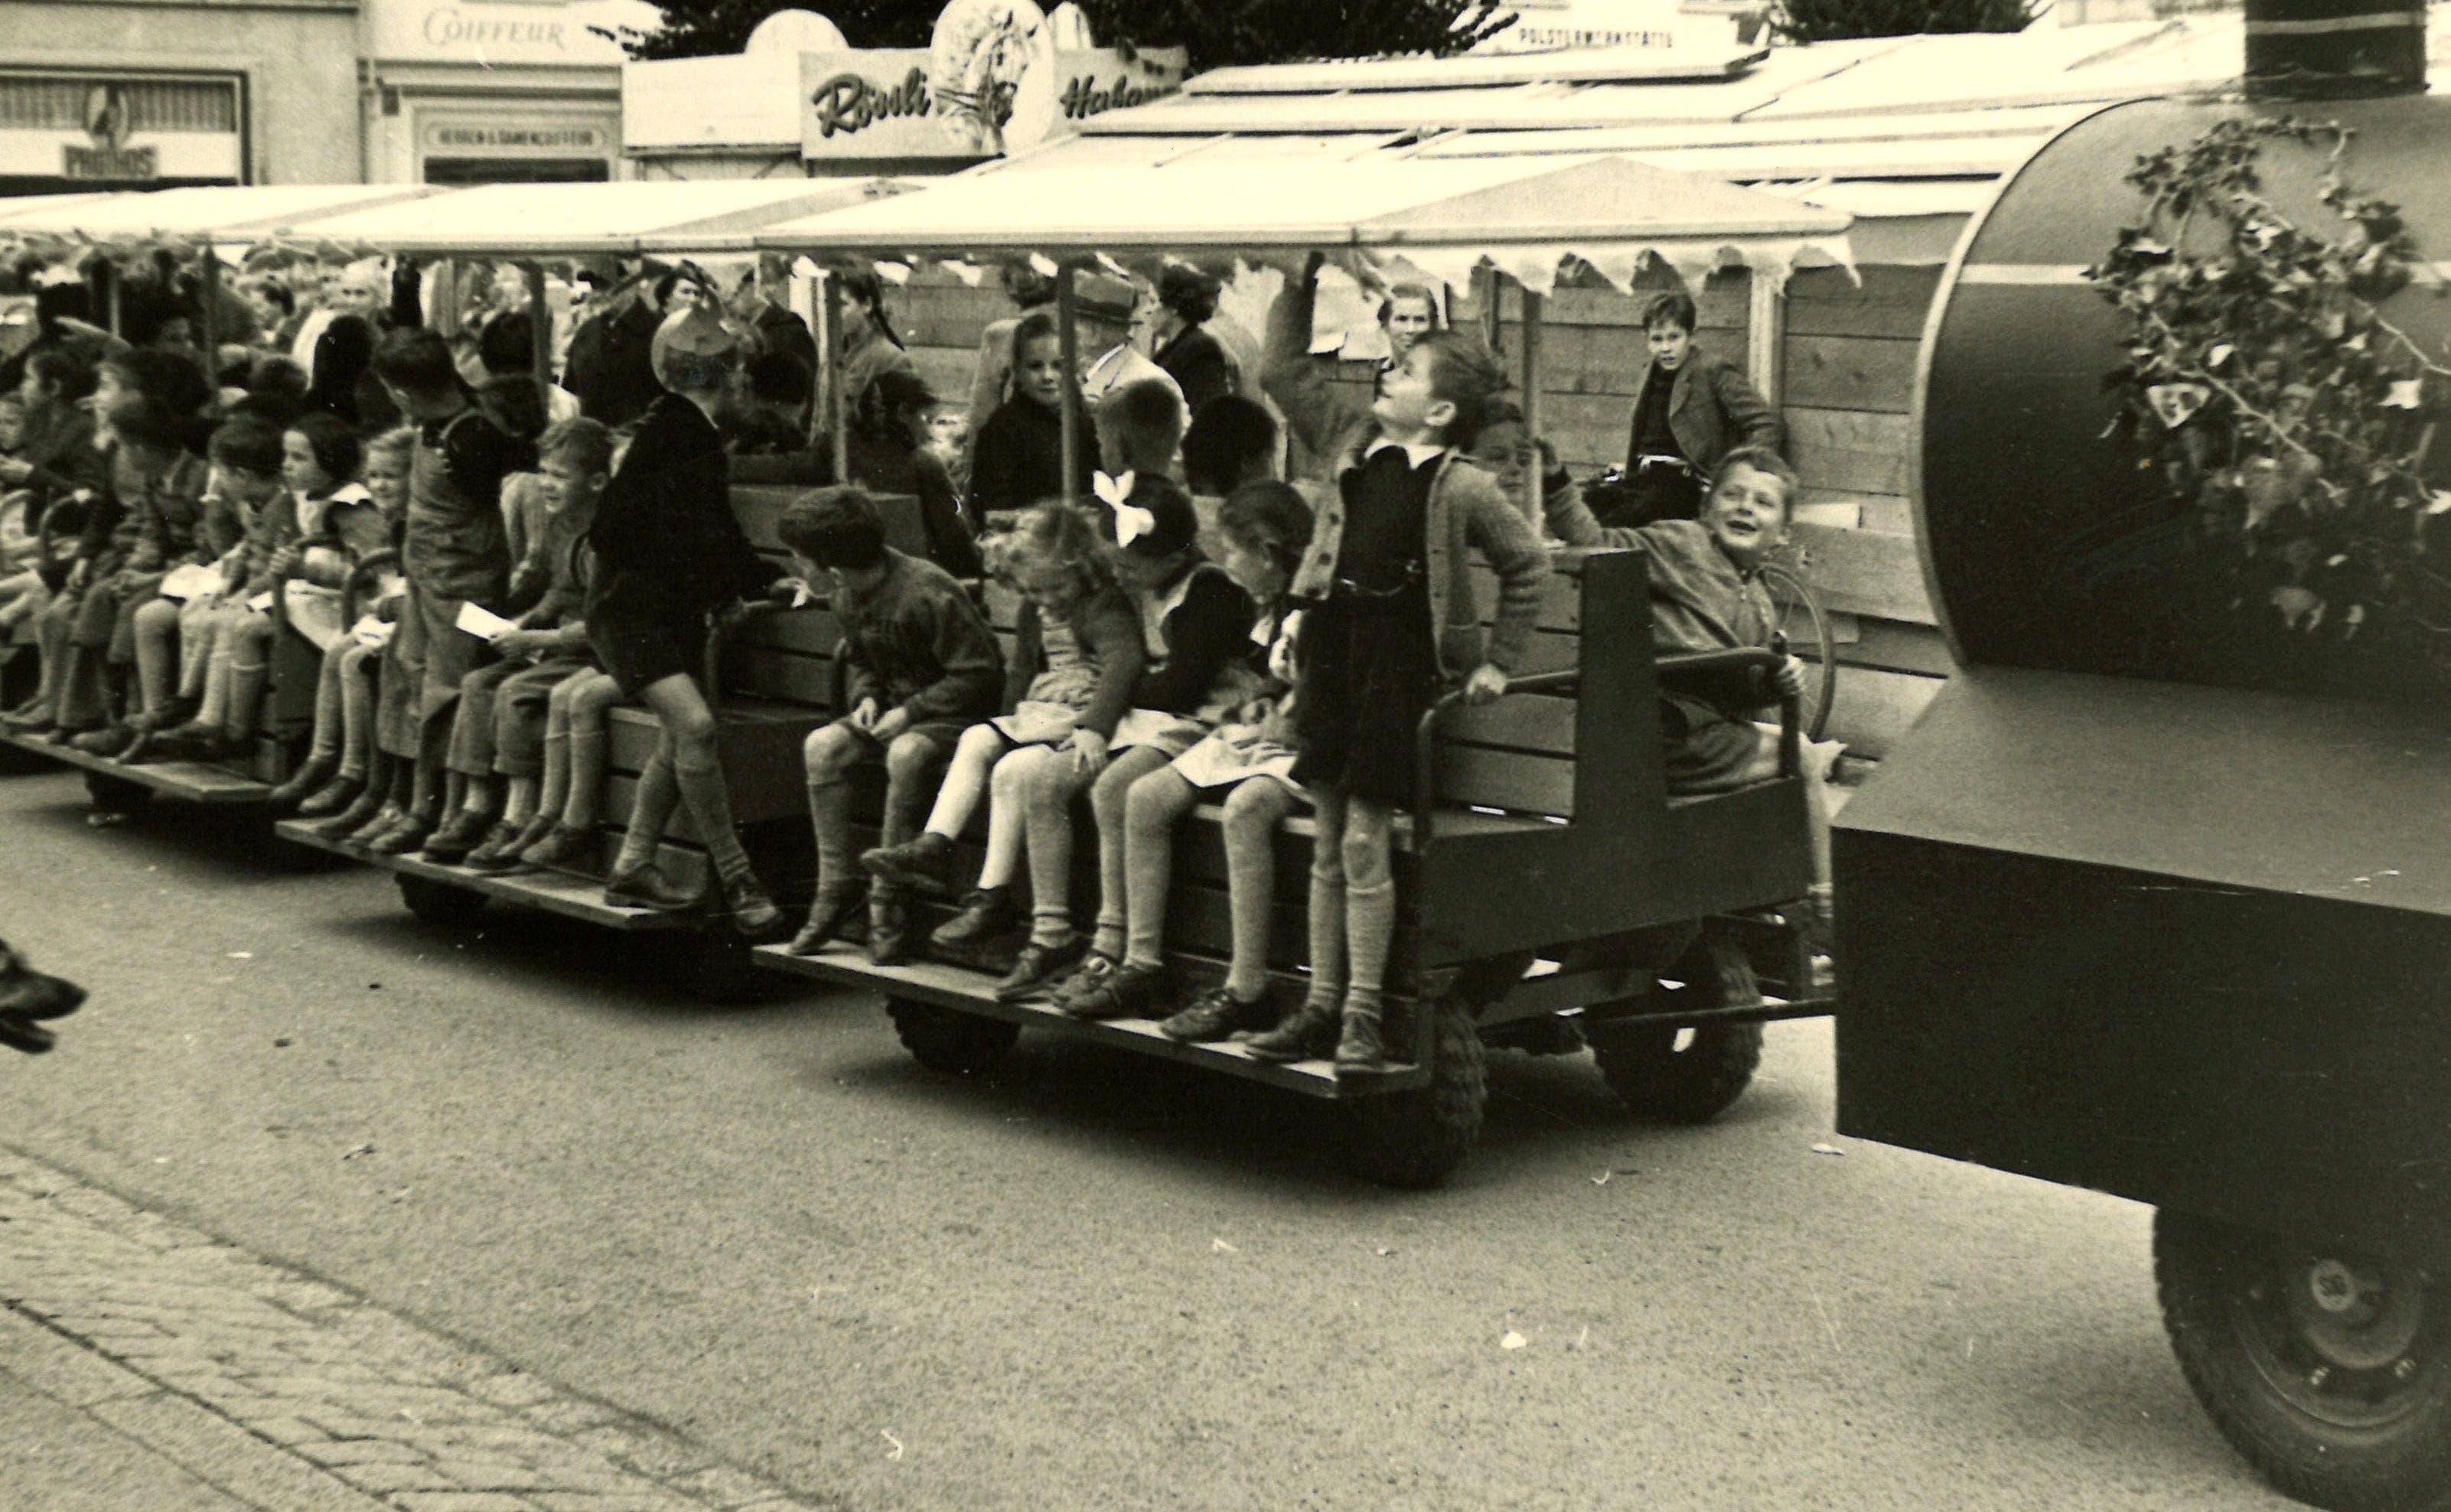 Das Wega-Bähnli war auch schon ganz zu Beginn ein Hit. Hier ein Foto aus dem Jahr 1953